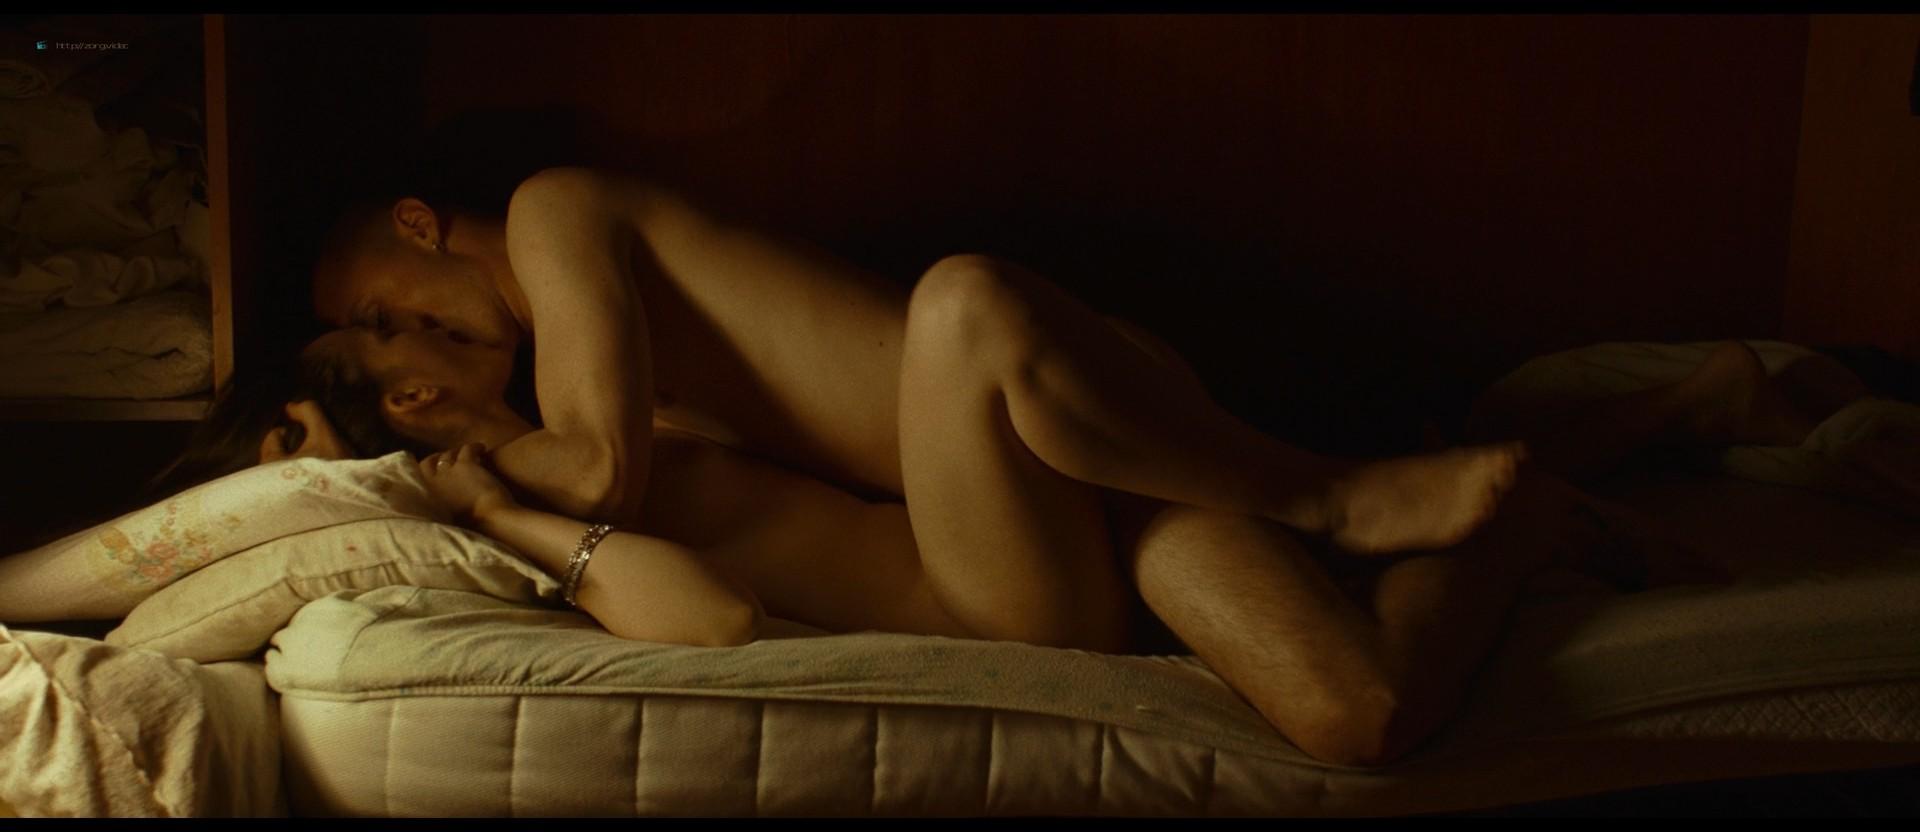 Michela De Rossi nude topless and hot sex - La Terra dell'abbastanza (IT-2018) HD 1080p BluRay (4)